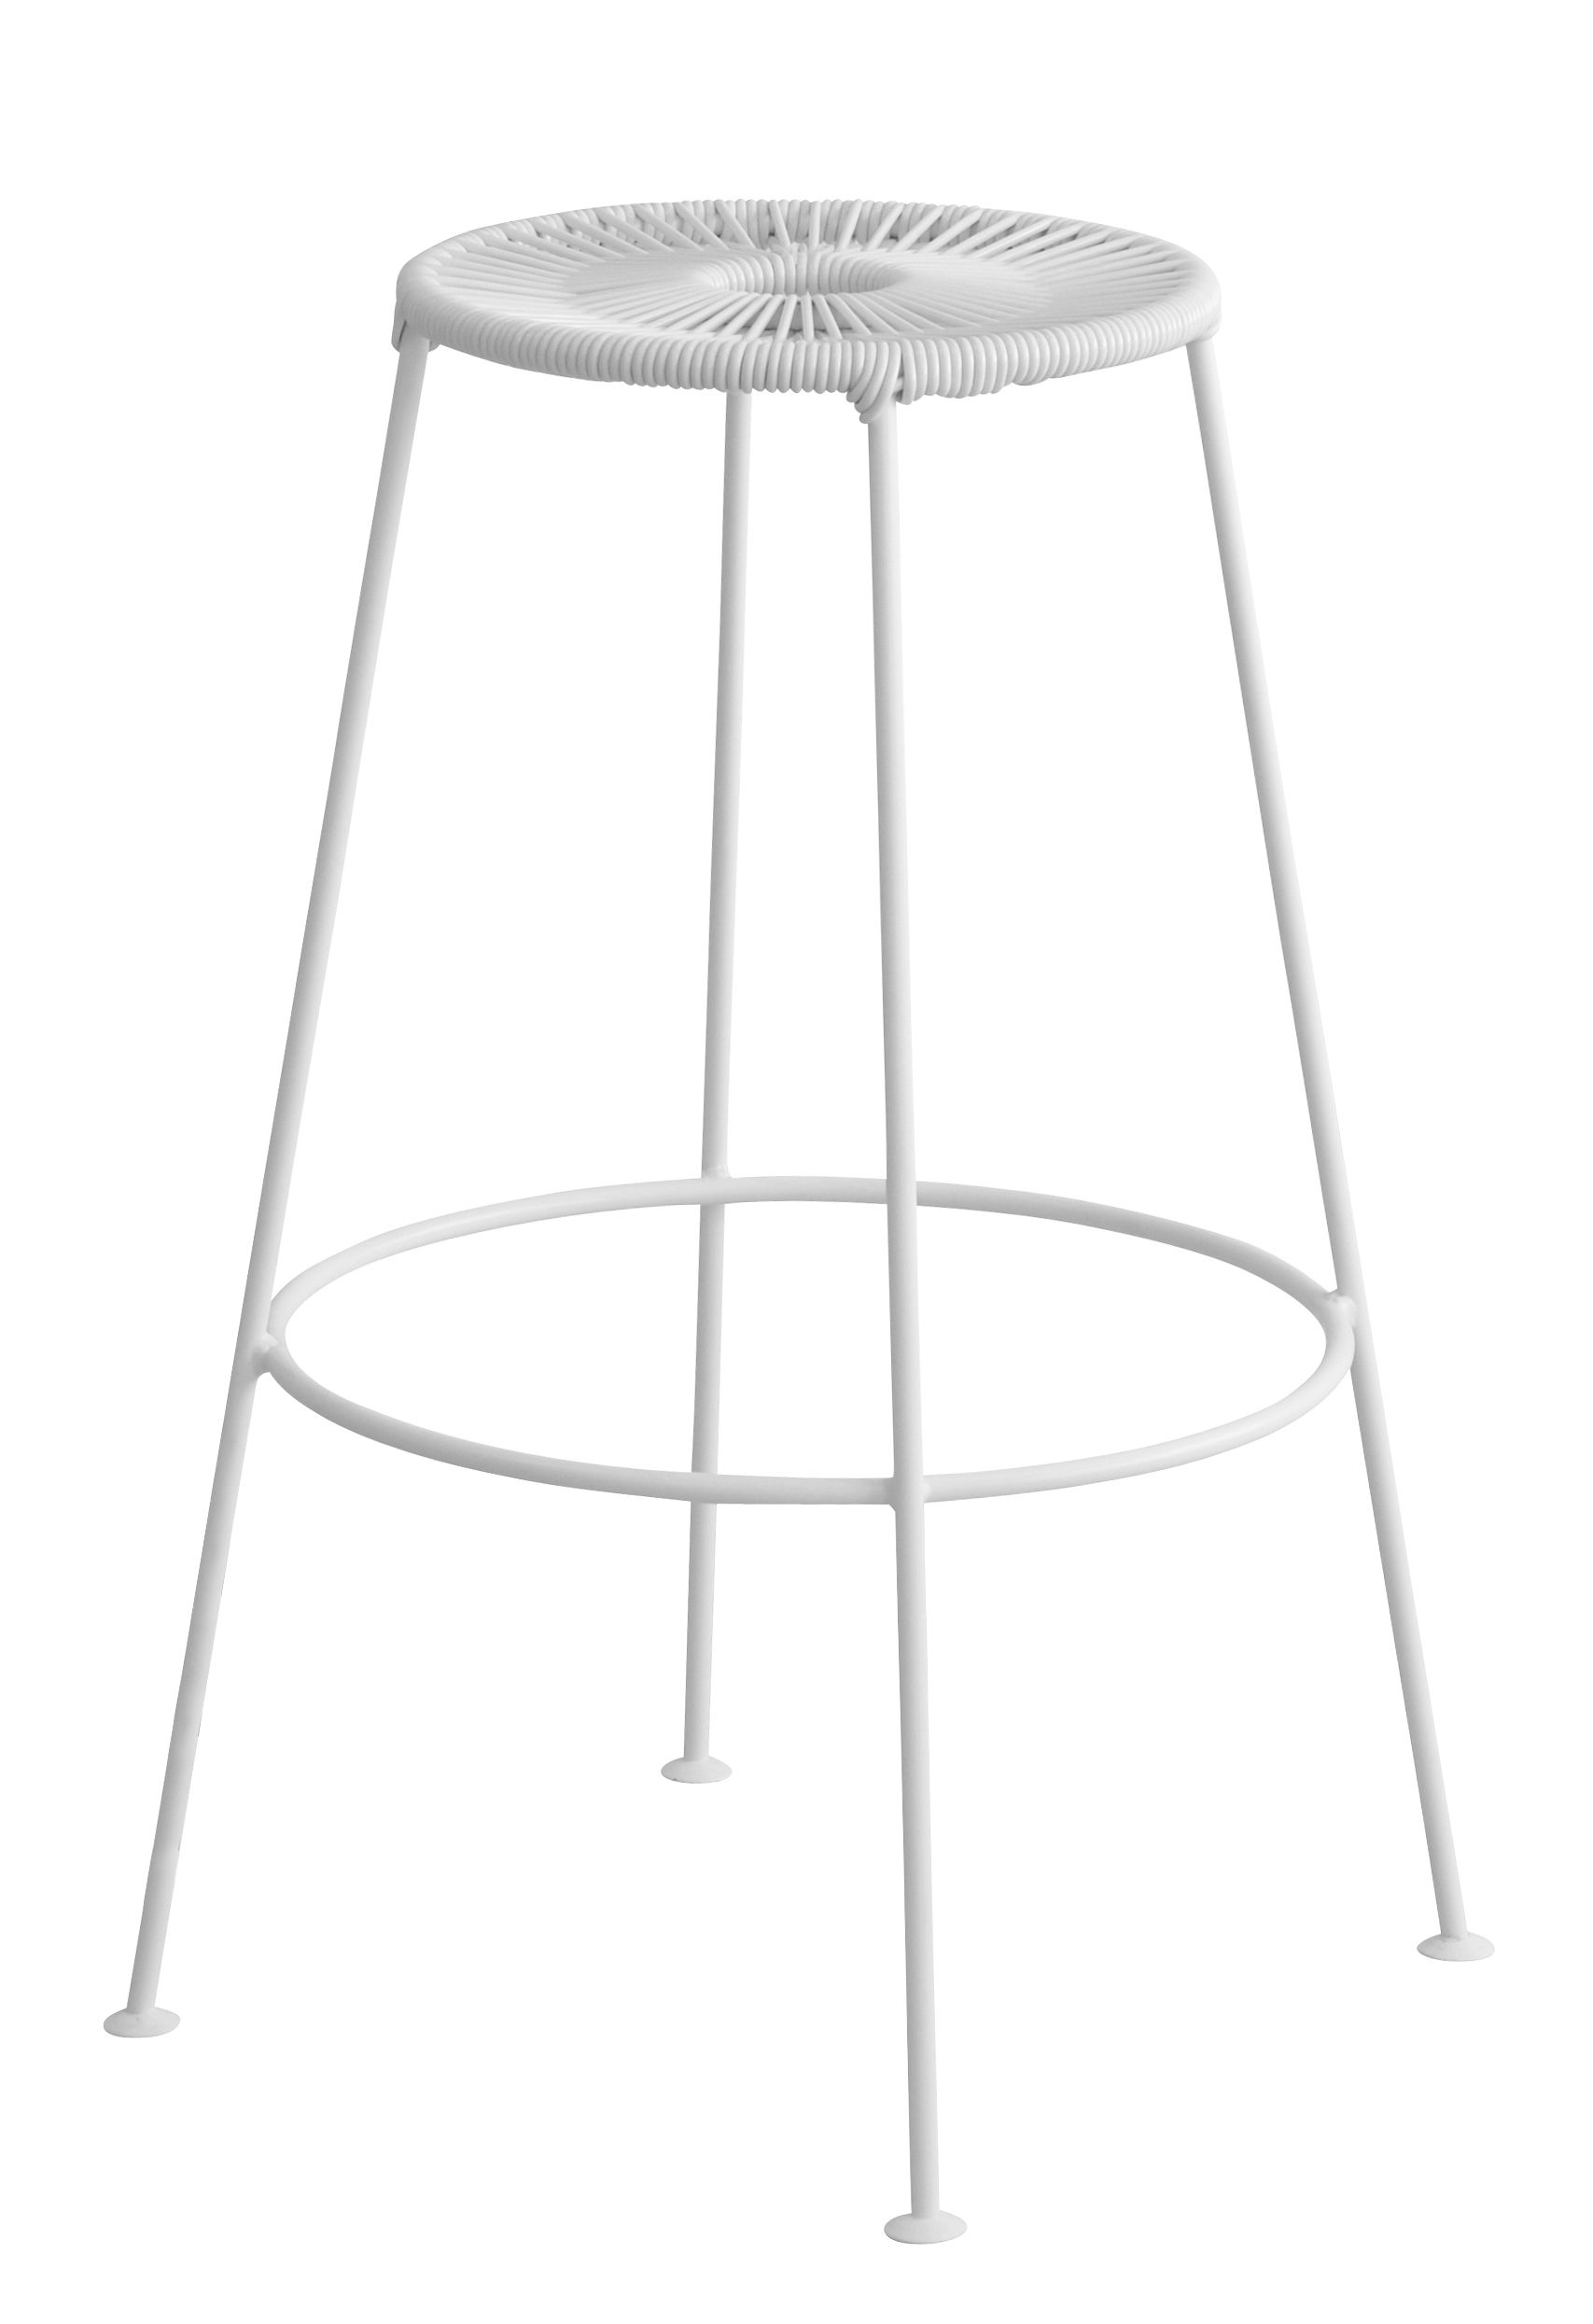 Mobilier - Tabourets de bar - Tabouret de bar Acapulco / H 75cm - OK Design pour Sentou Edition - Blanc - Acier laqué époxy, Corde plastique